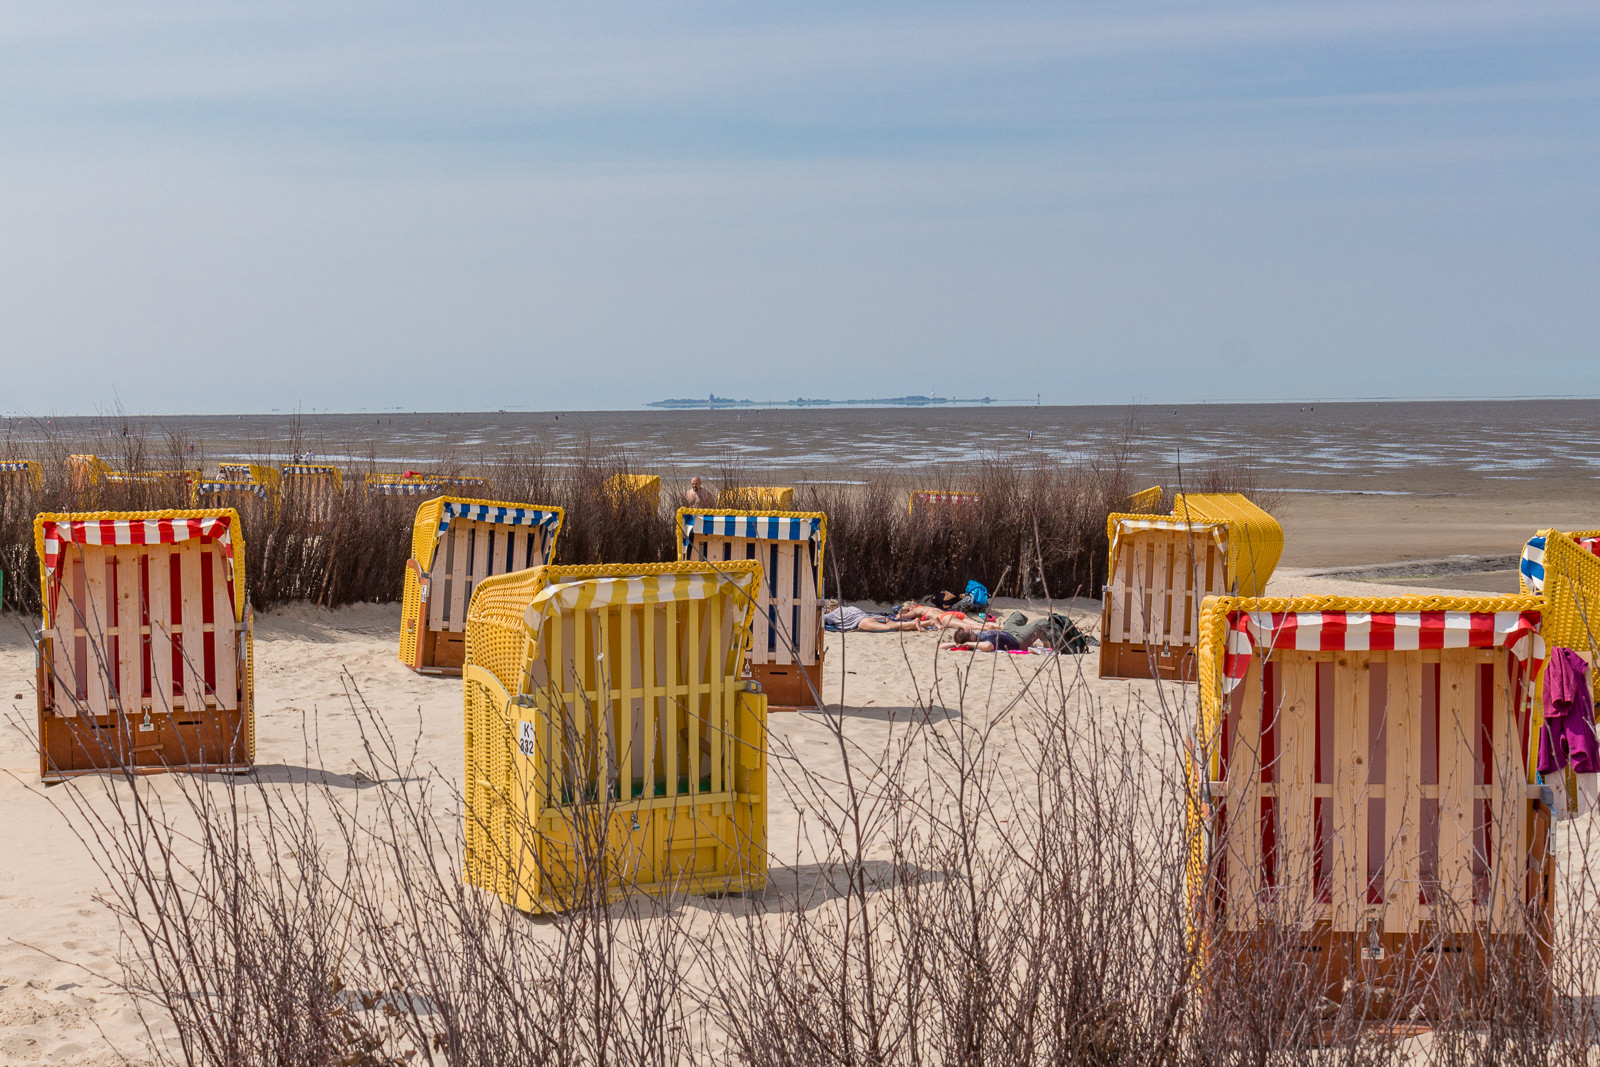 Cuxhaven, Wochenendreise, Hafen, Hafenrundfahrt, Schiffe, Boote, Duhnen, Strandcafé Behrens